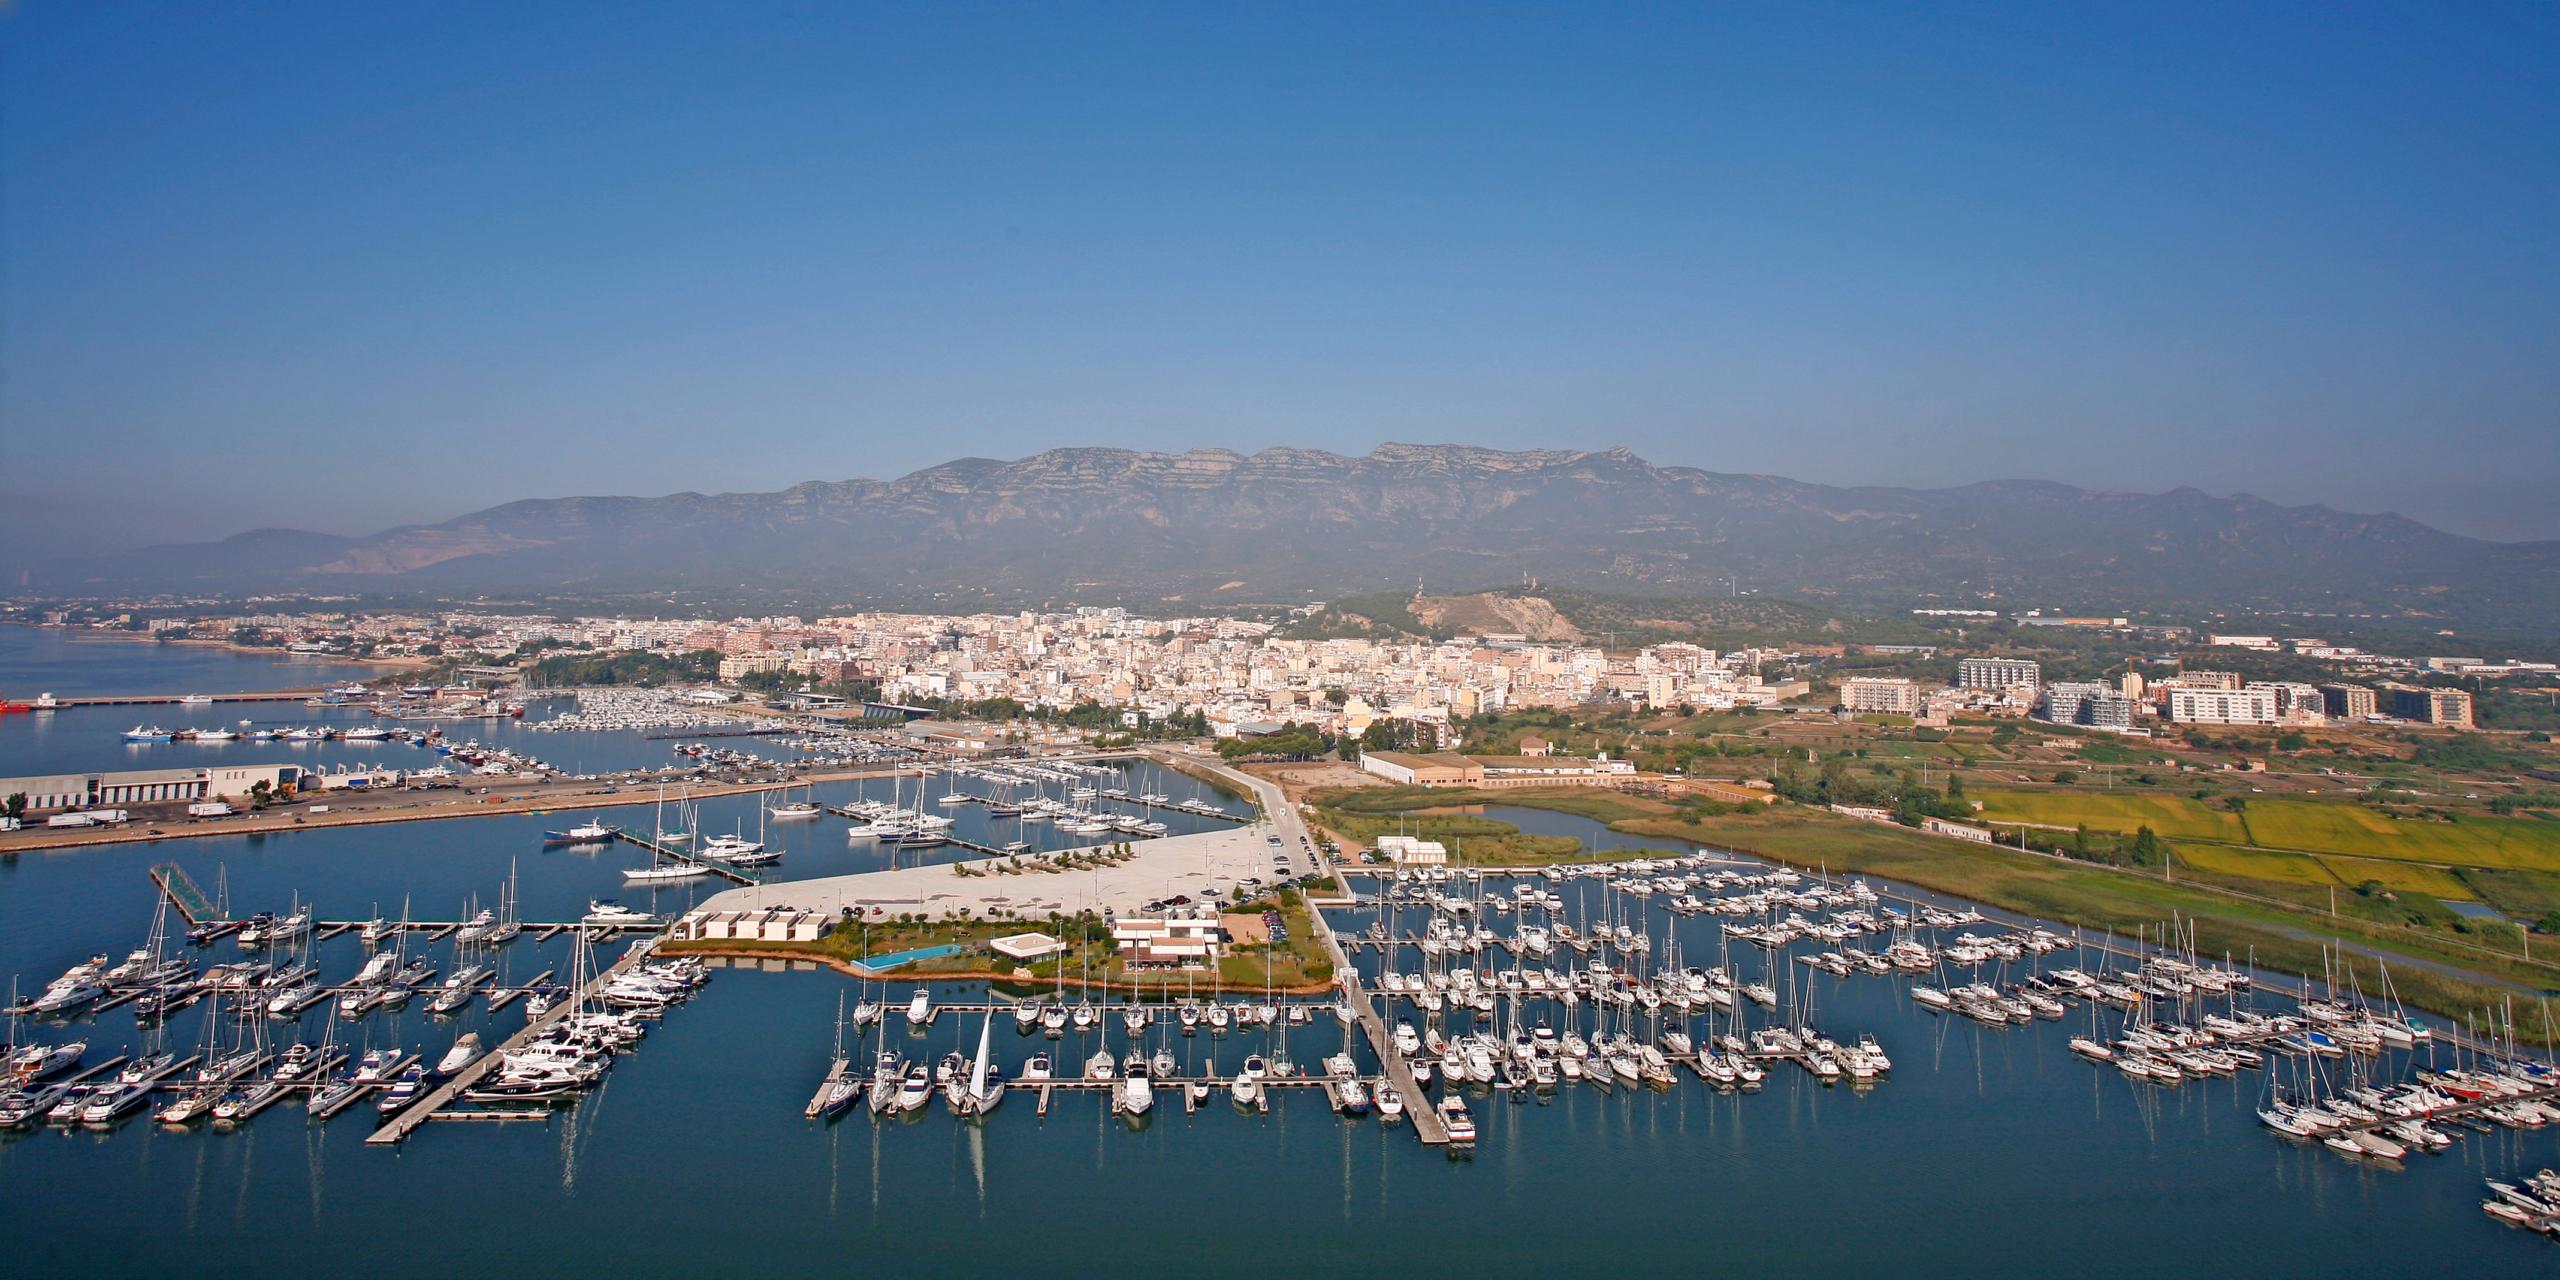 Imatge aèria del port de Sant Carles de la Ràpita